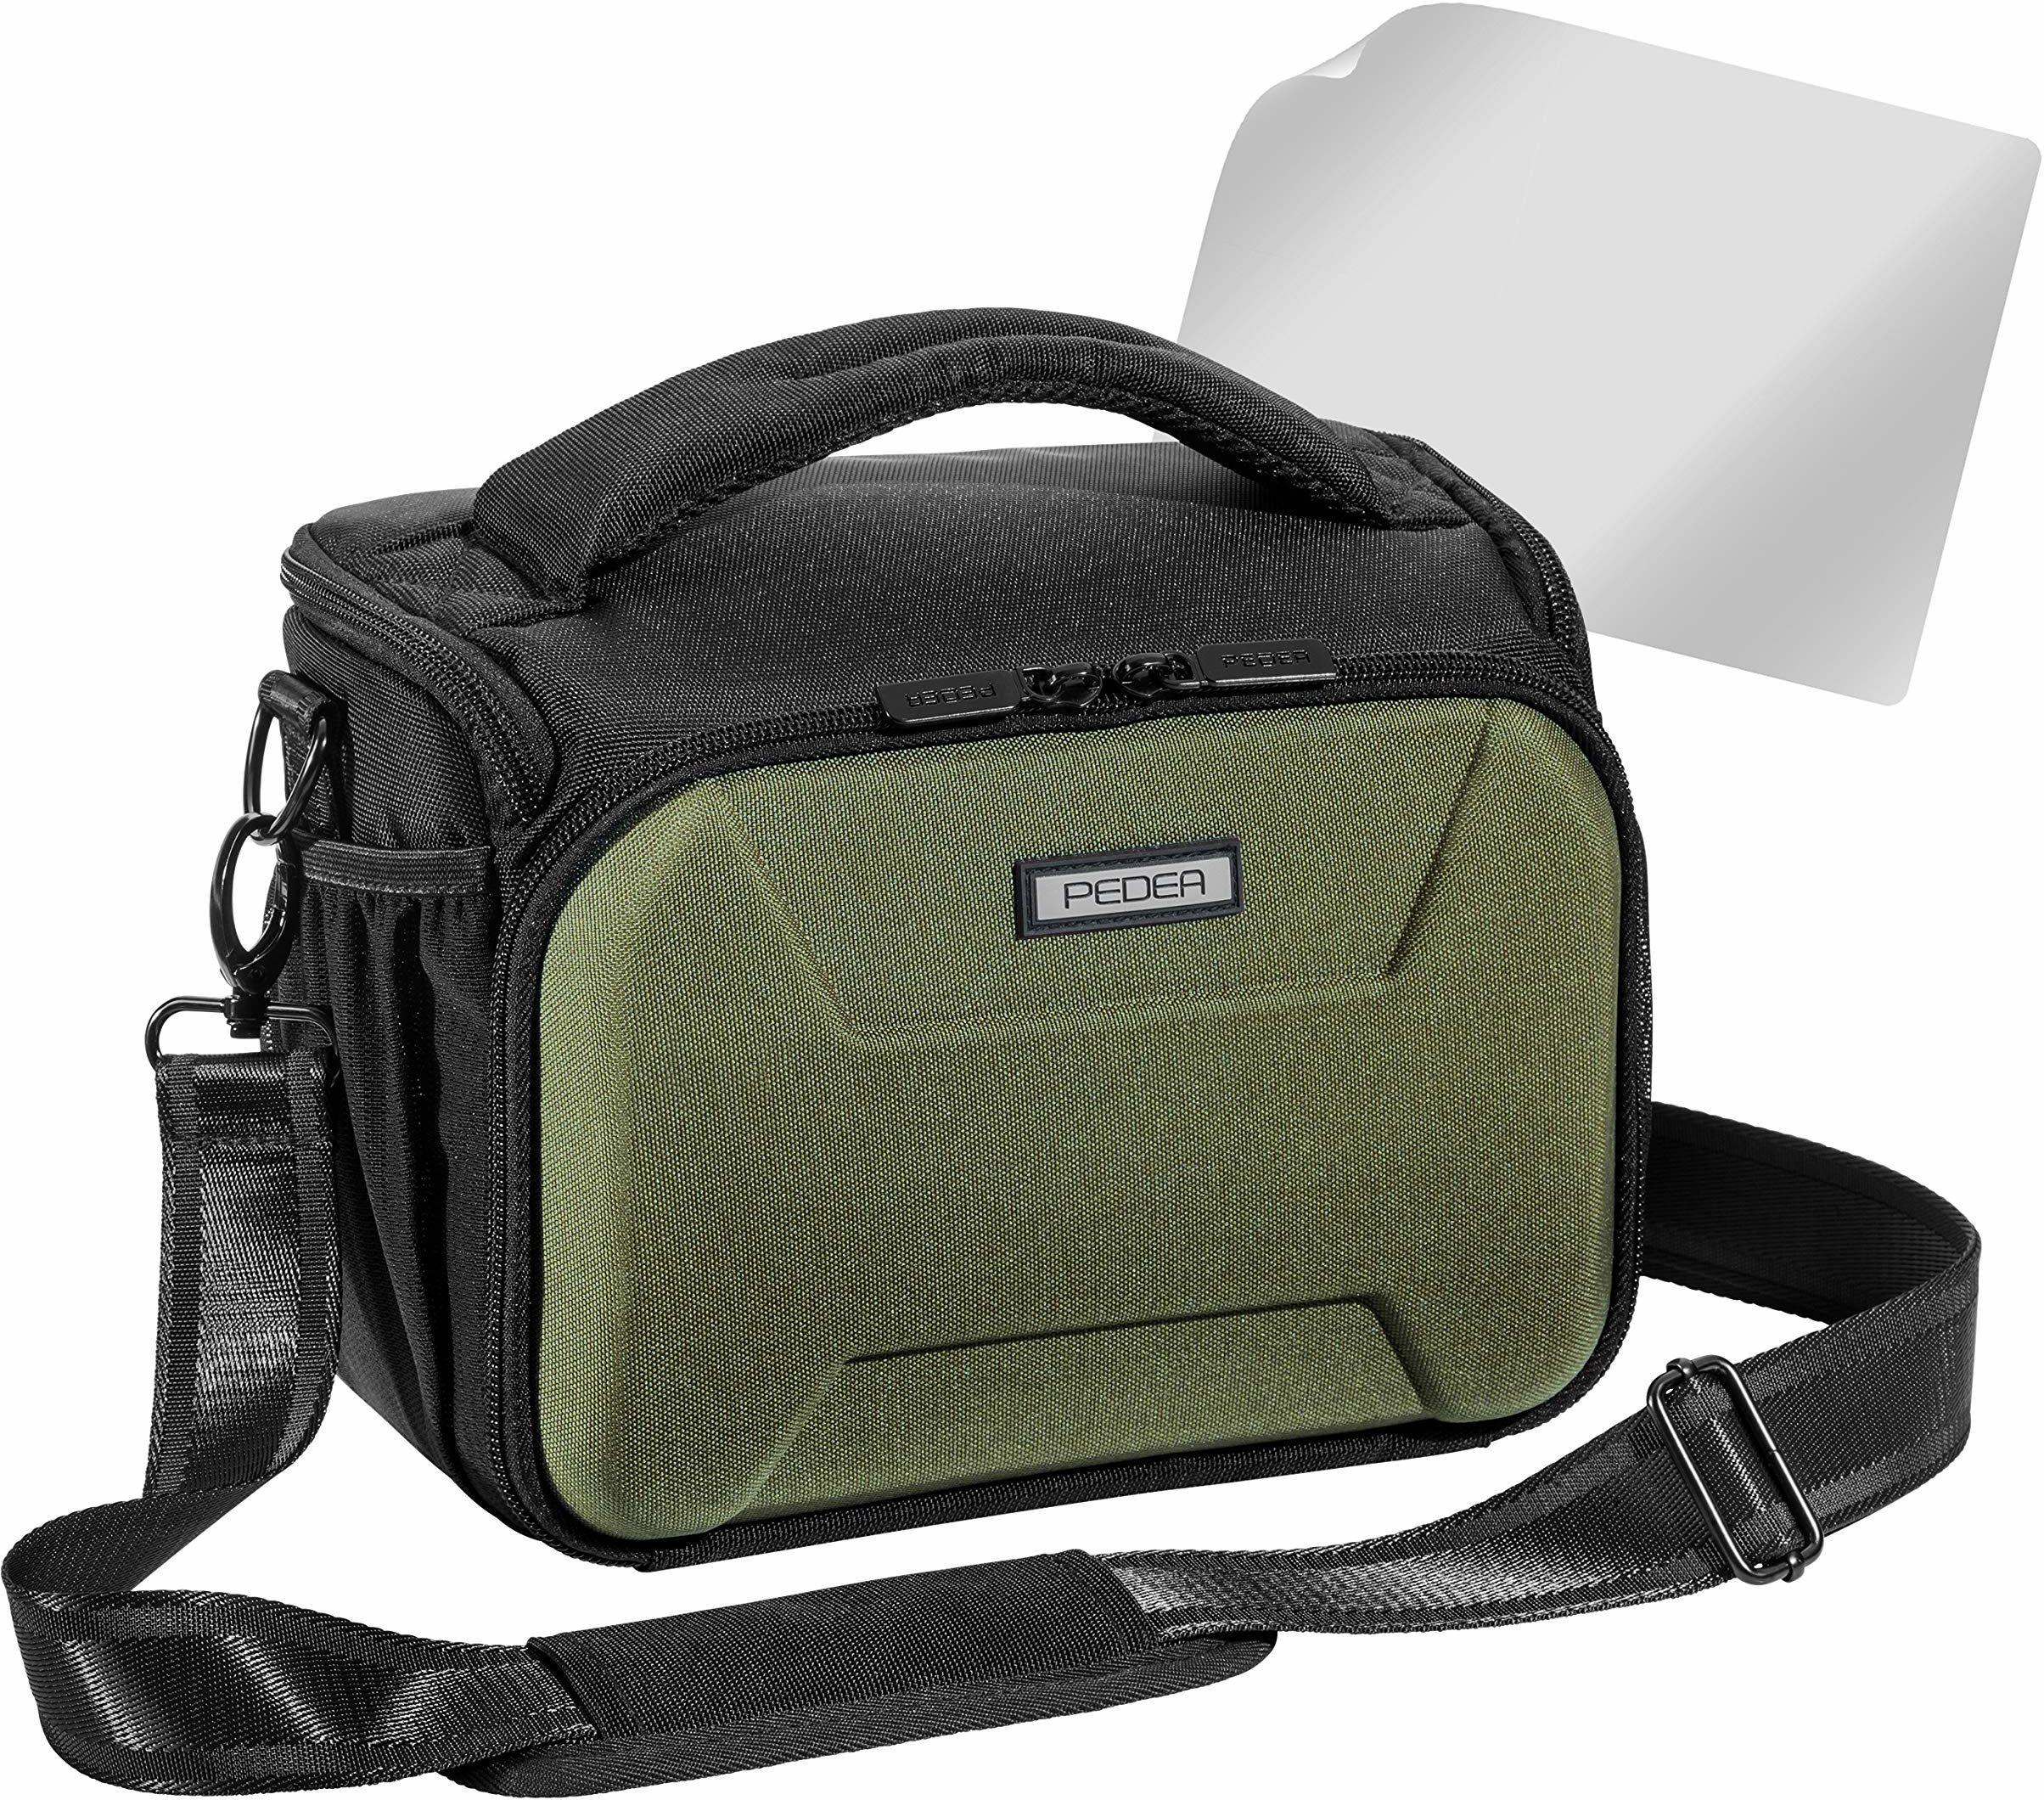 """PEDEA DSLR torba na aparat""""Guard"""" z folią ochronną na wyświetlacz do Canon EOS 5D Mark II 400D 2000D / Nikon D60 D80 D90 D3100 D3200 D3300 D3400 D5300 D7100 / Pentax K 50 K 500, Rozmiar XL zielony"""